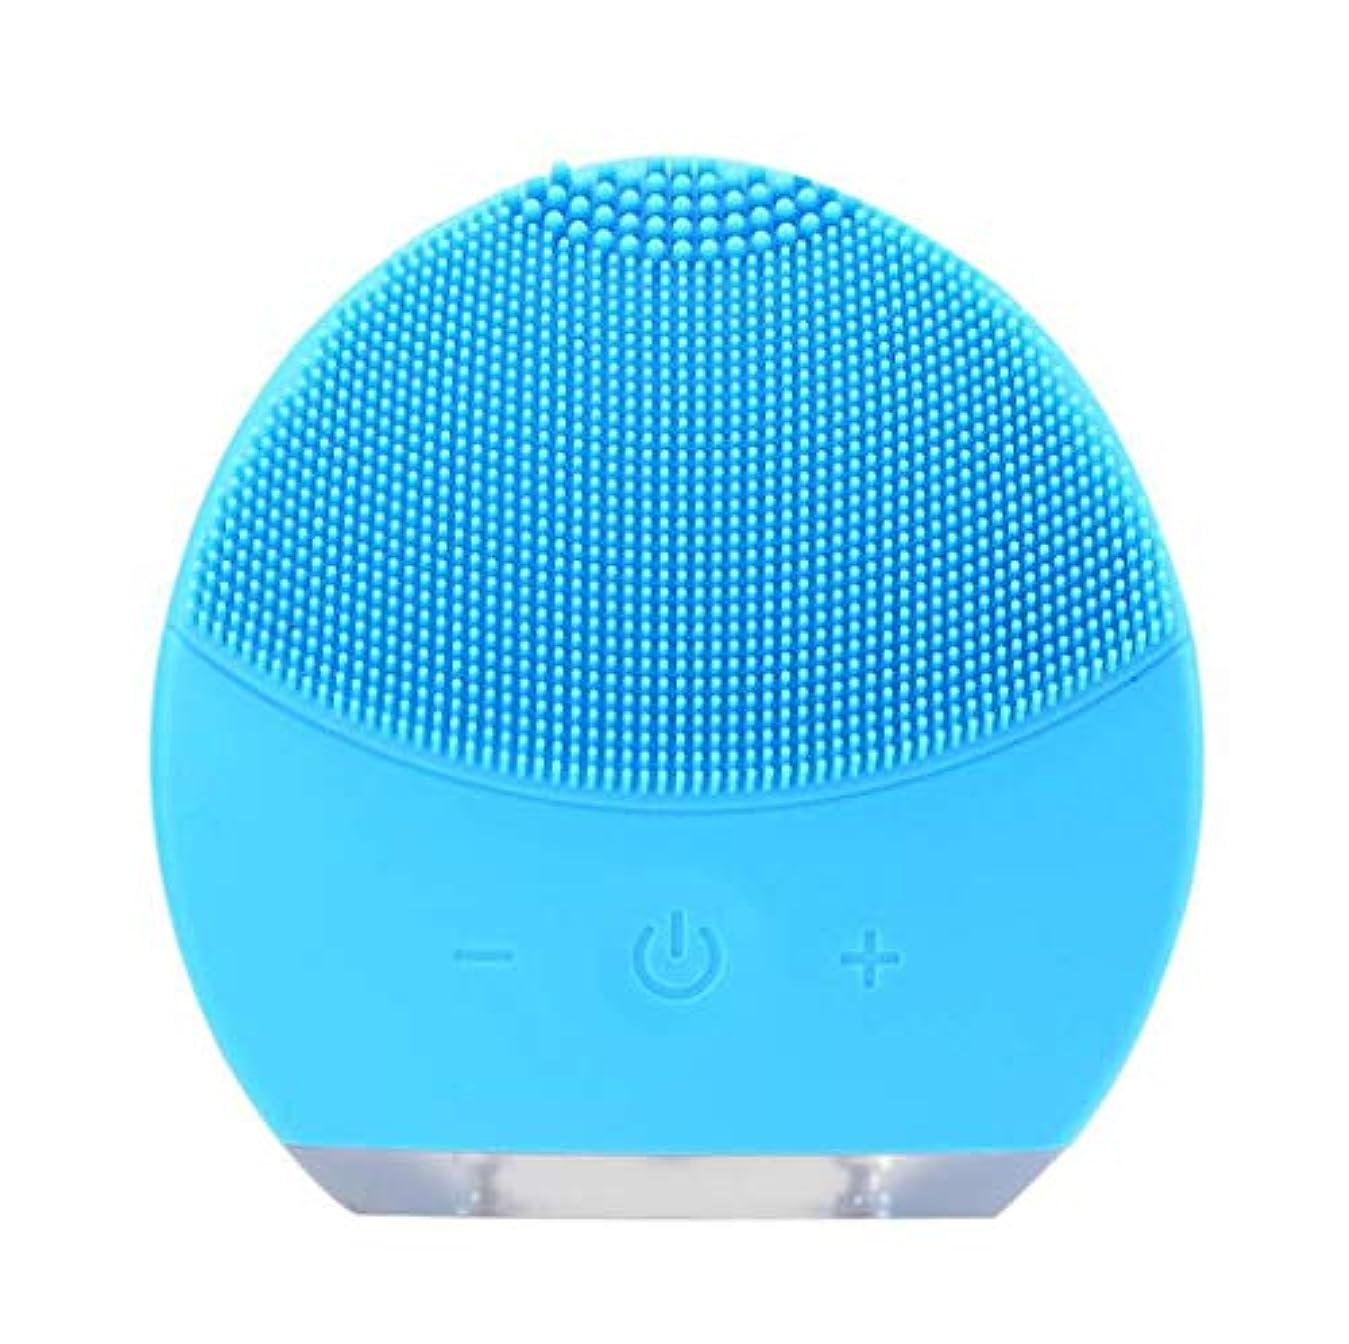 ヨーロッパ規制する許さない超音波振動美容機器洗浄器、皮膚の毛穴を最小限に抑えるマイクロダーマブレーション毛穴、USB 充電と防水,Blue